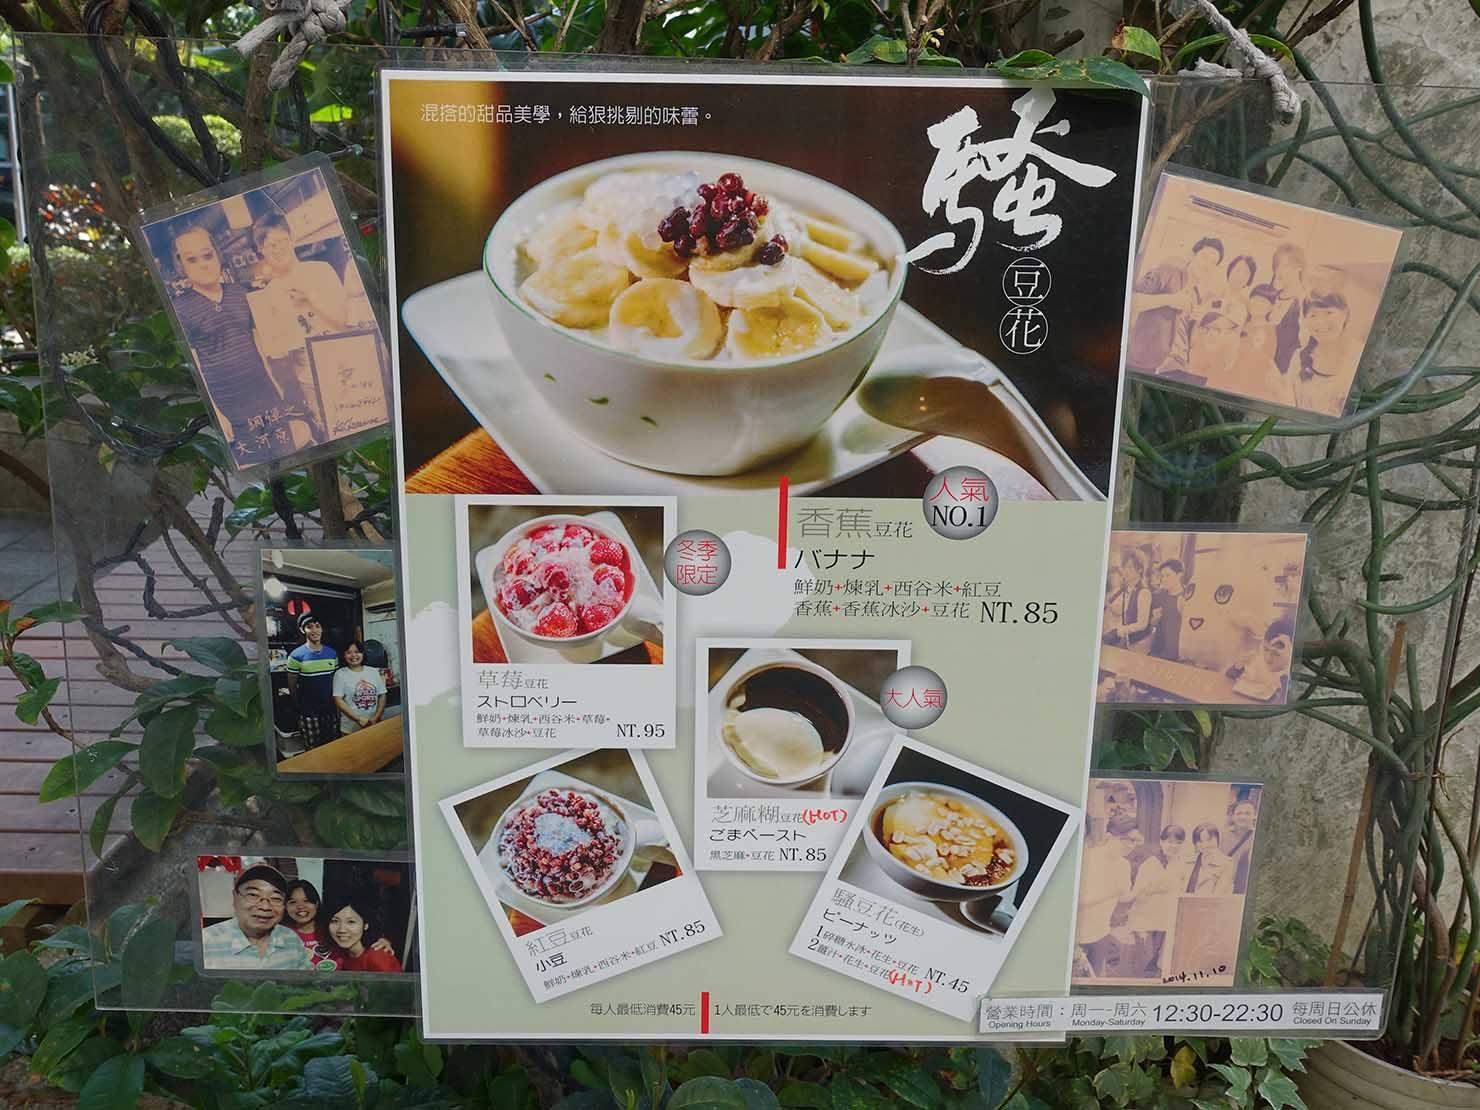 台北・國父紀念館のおすすめグルメ店「騷豆花」のメニュー